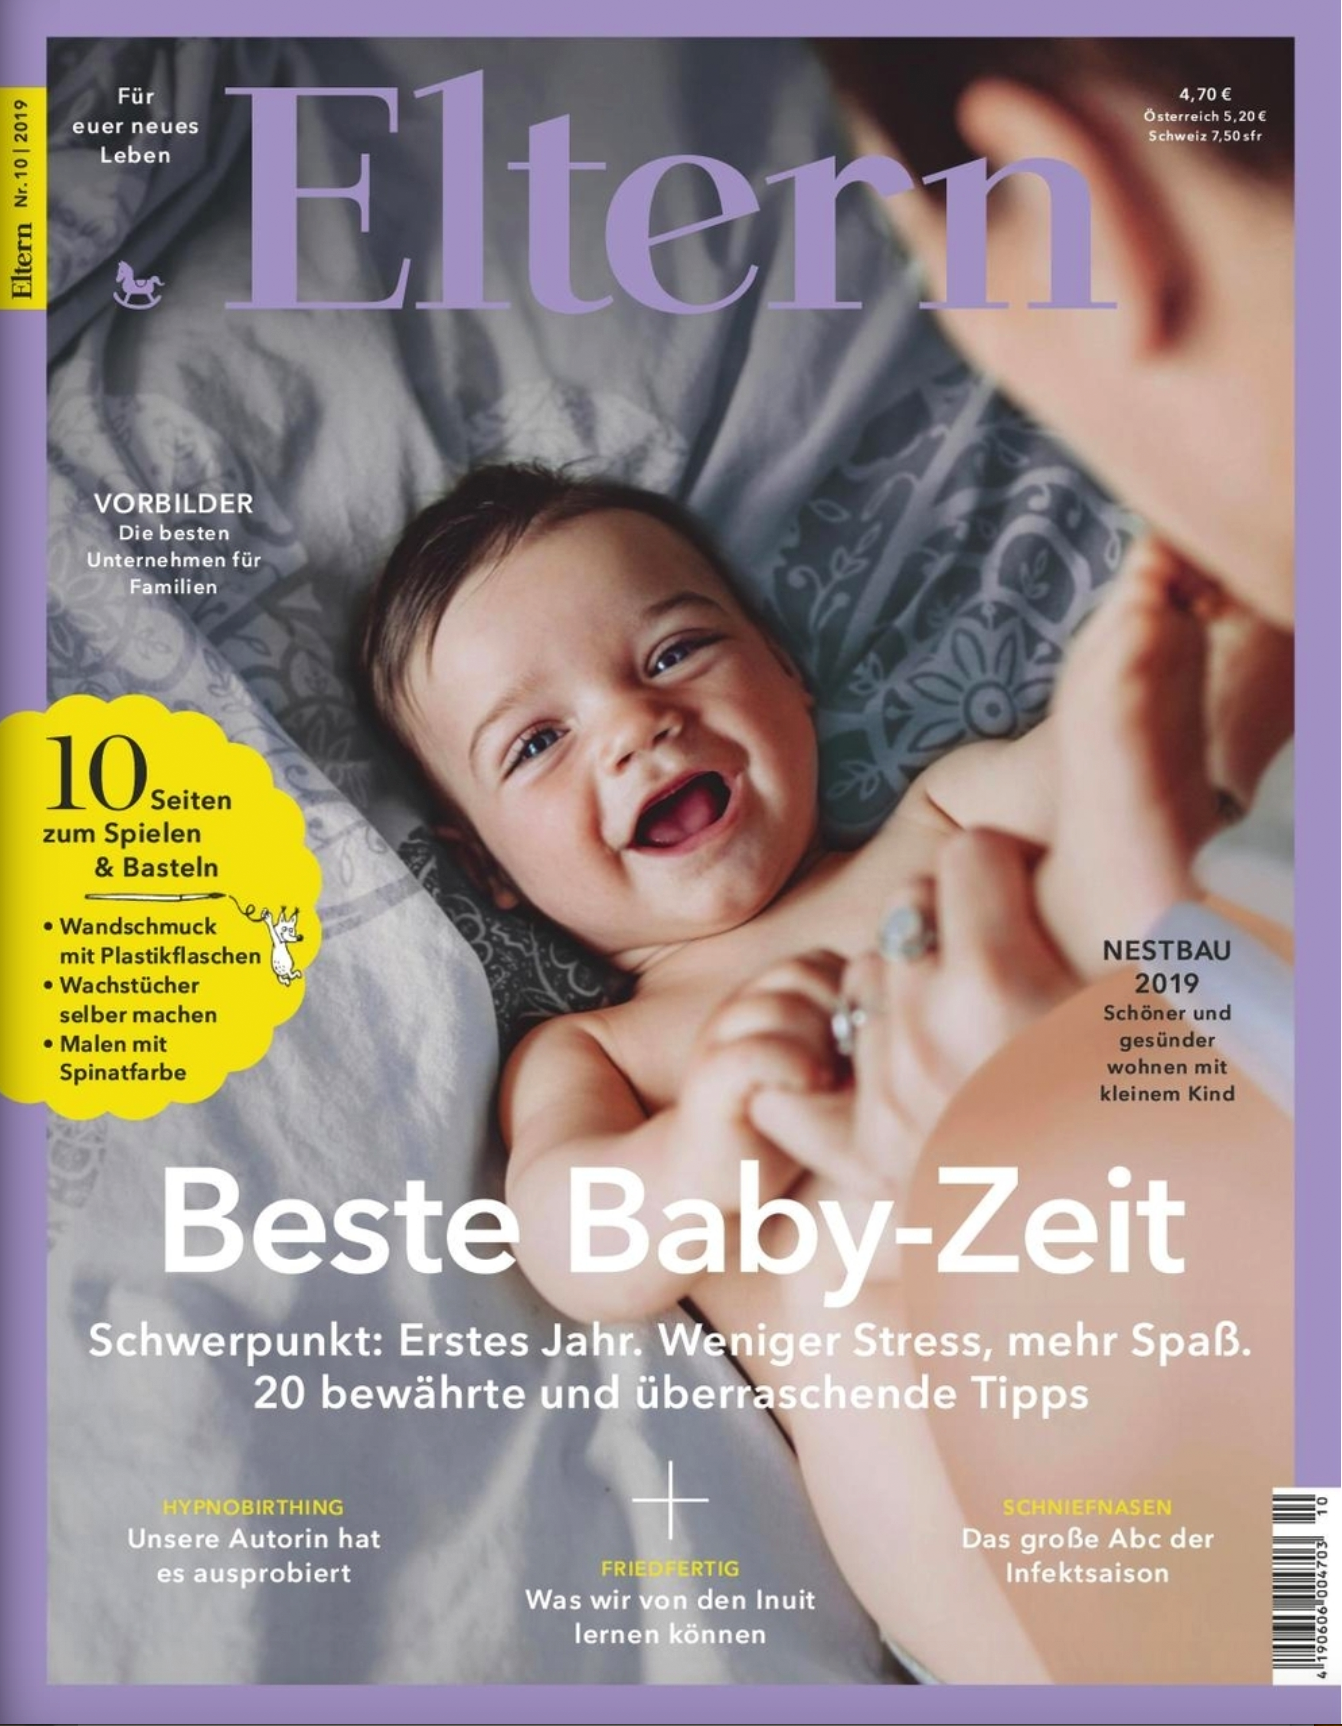 Covershooting für ELTERN Magazin